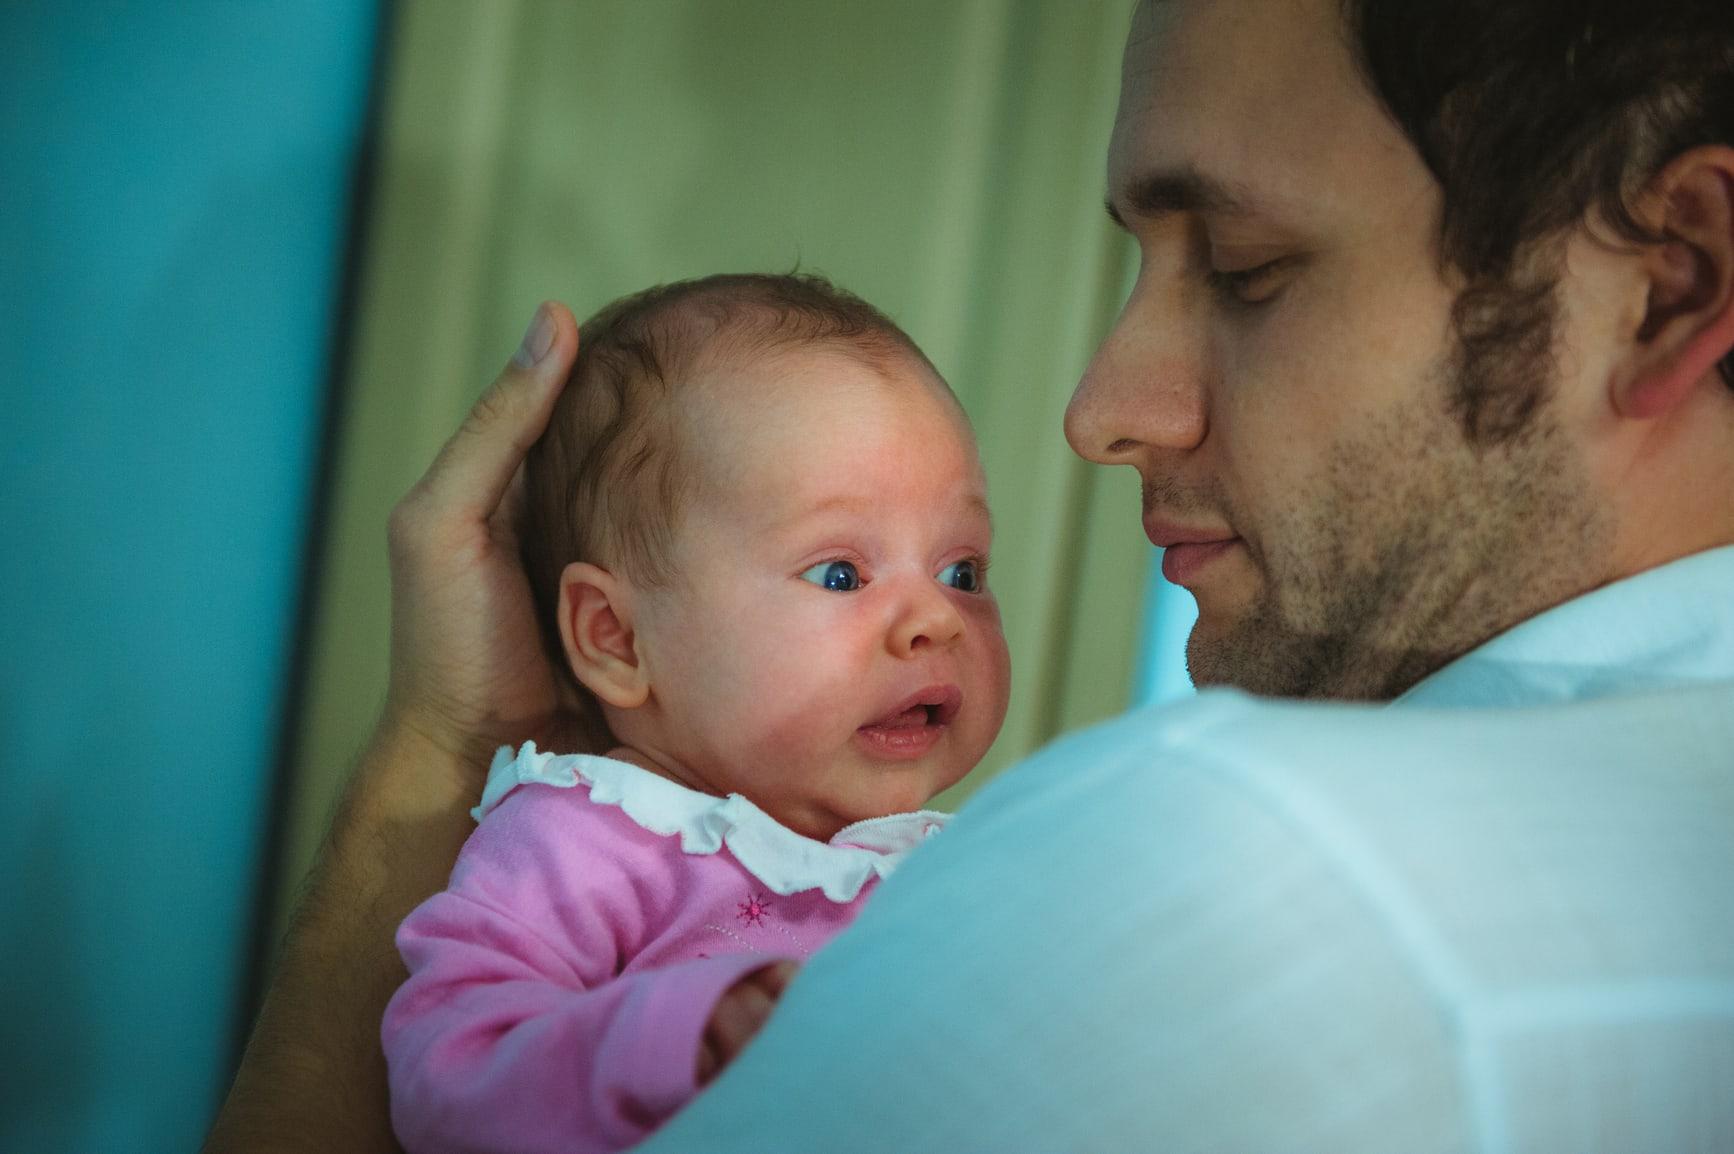 Фото папы с новорожденным ребенком